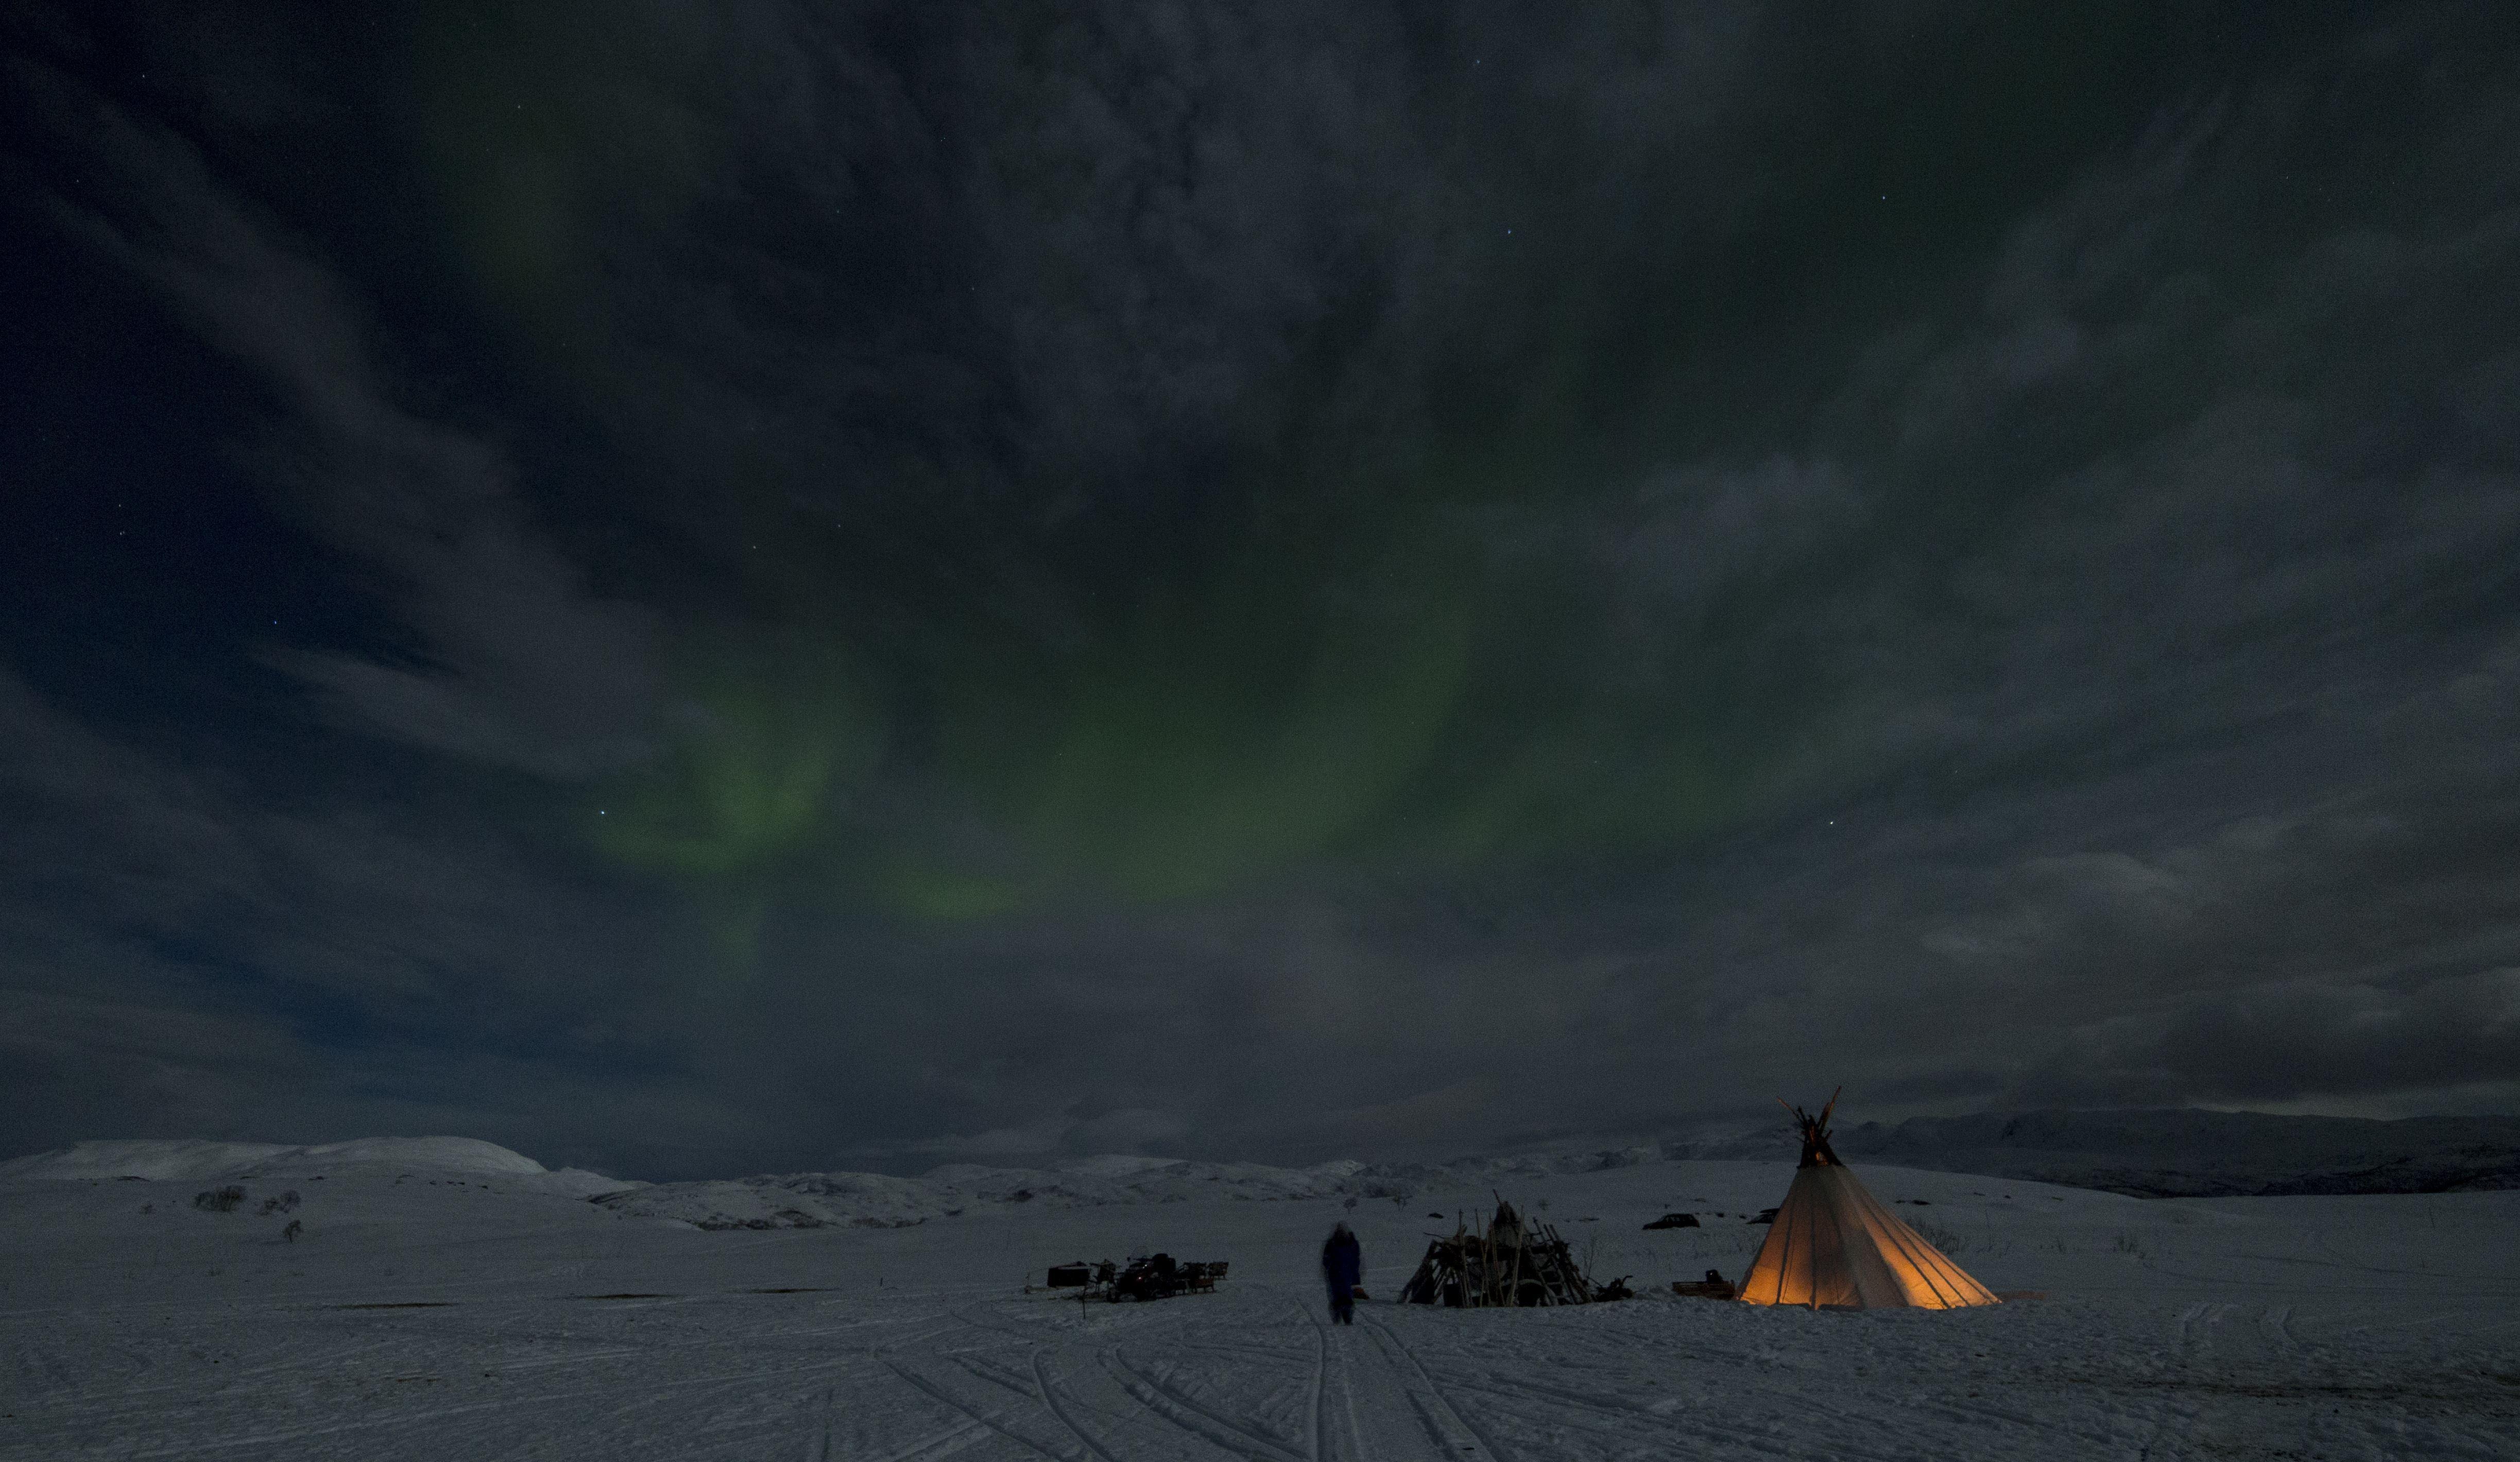 Overnatting i lavvo med nordlys - Sami Adventure